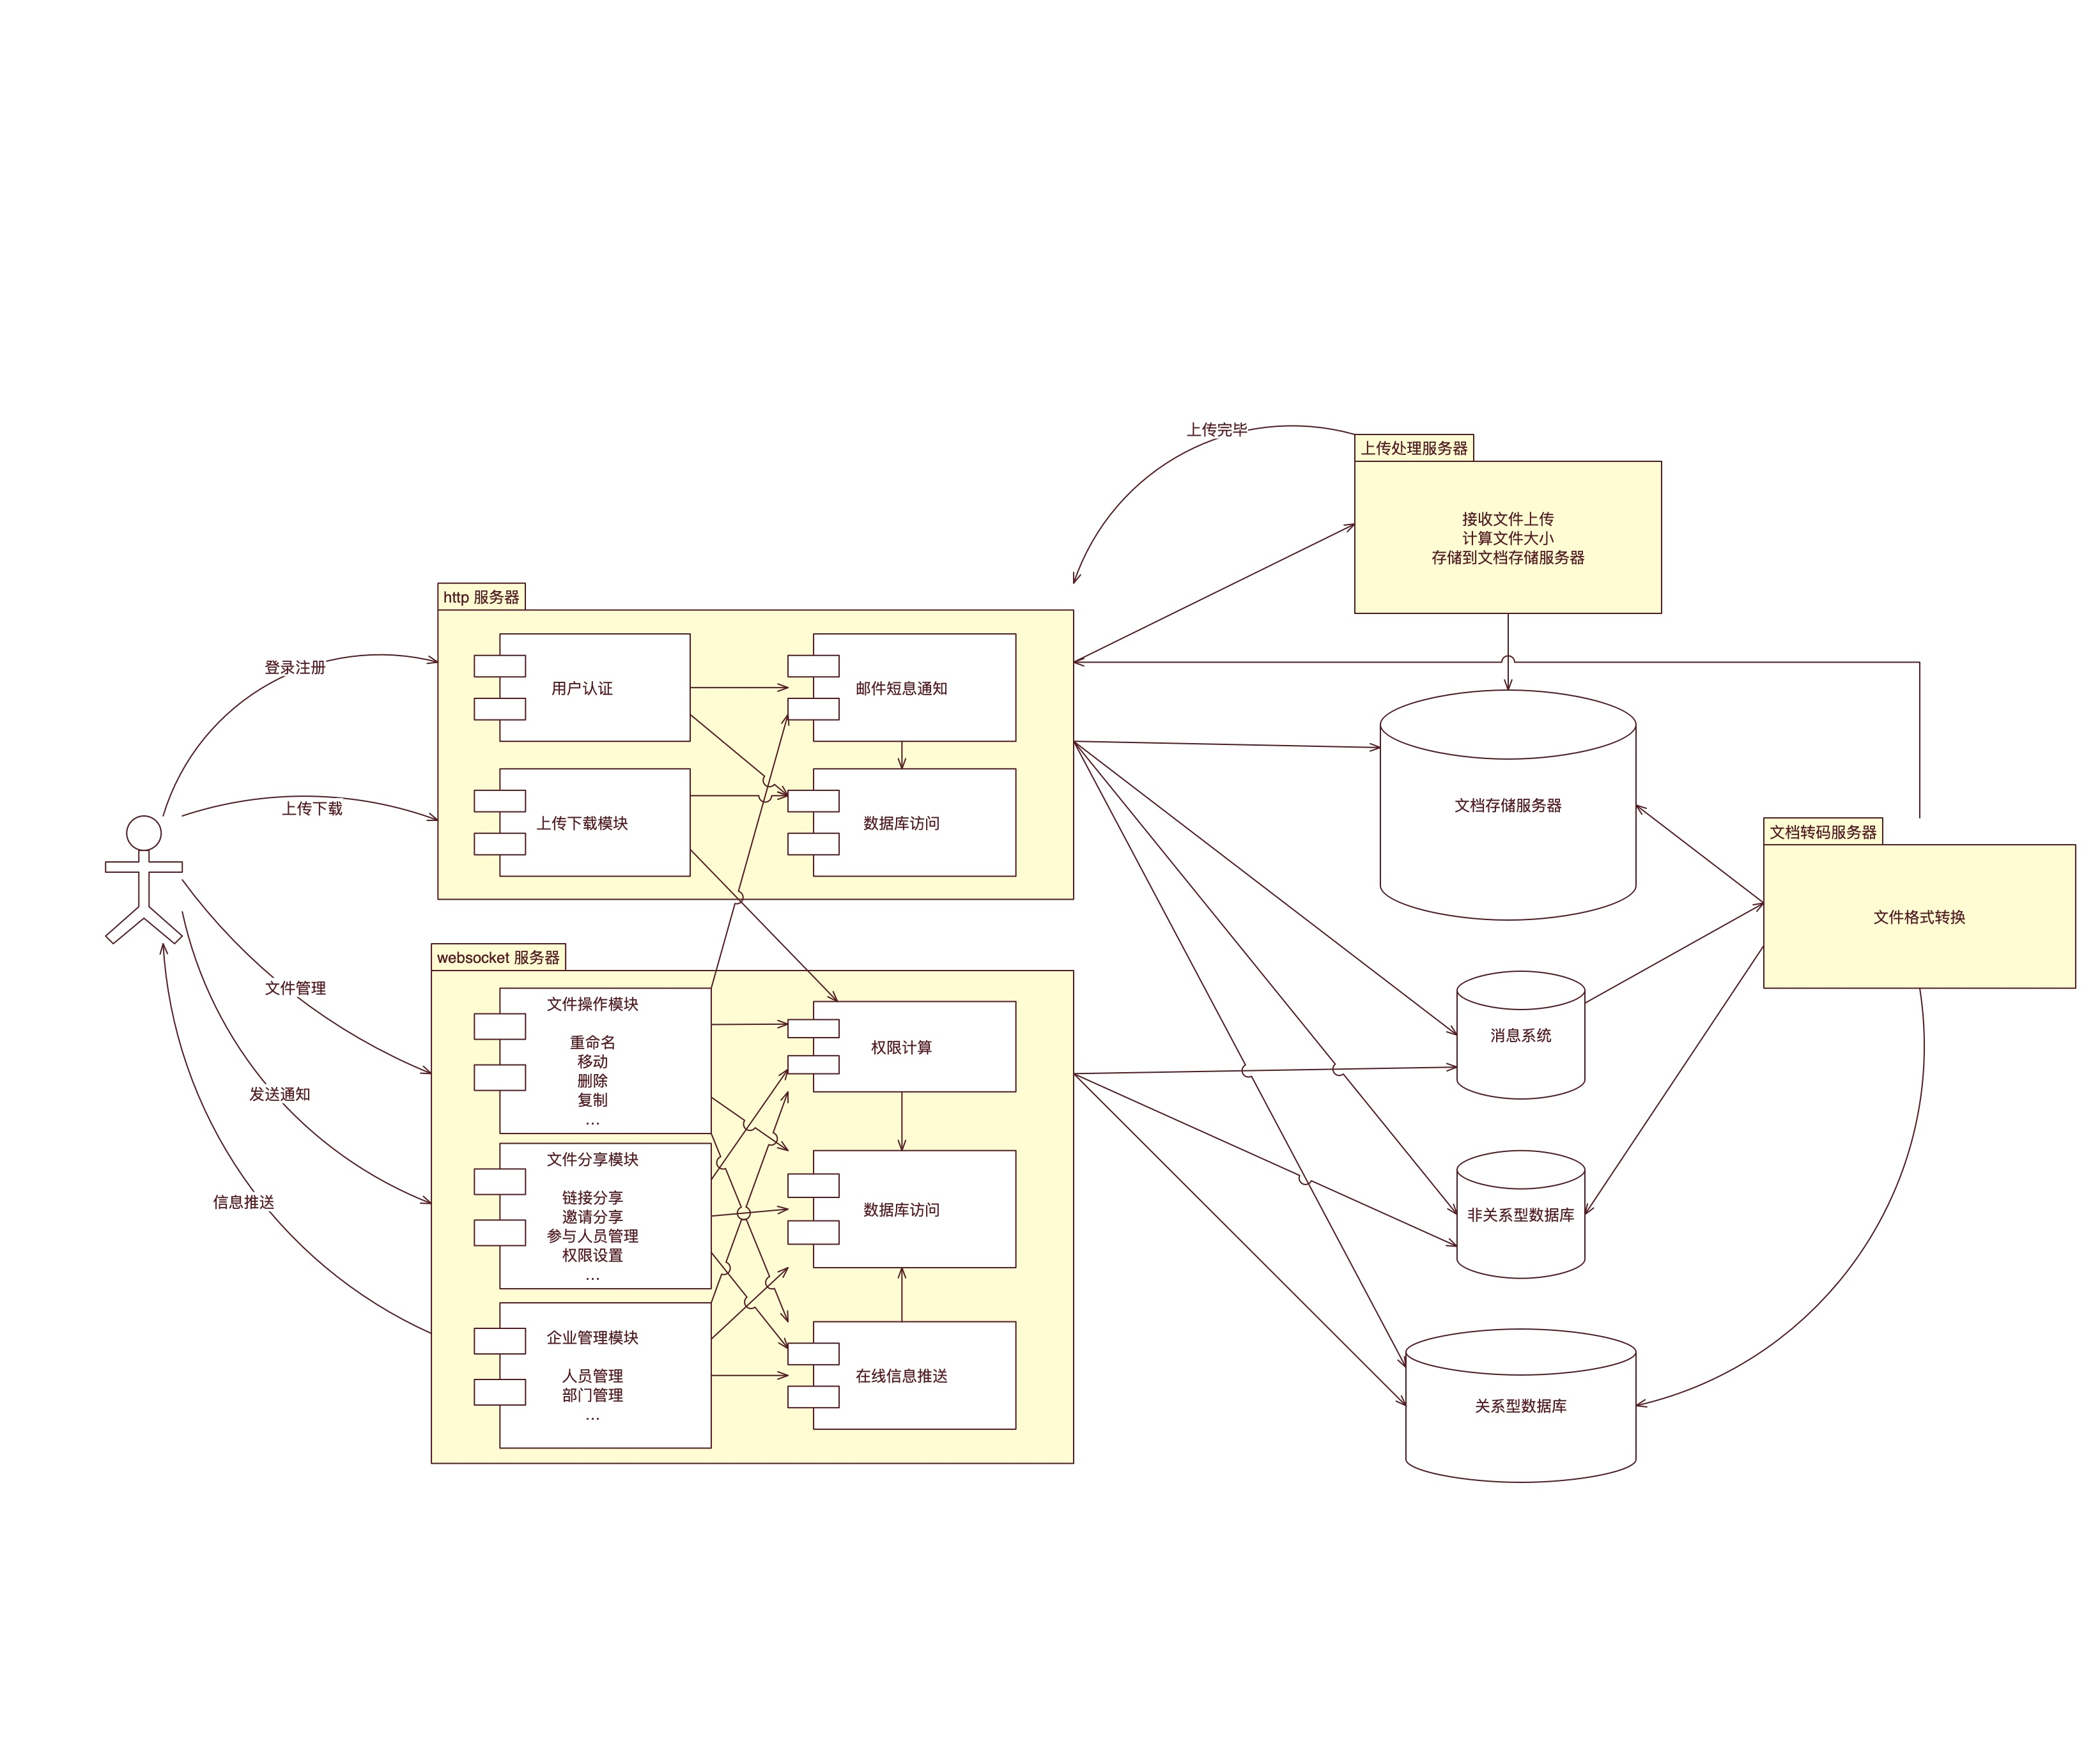 巴别鸟系统结构图